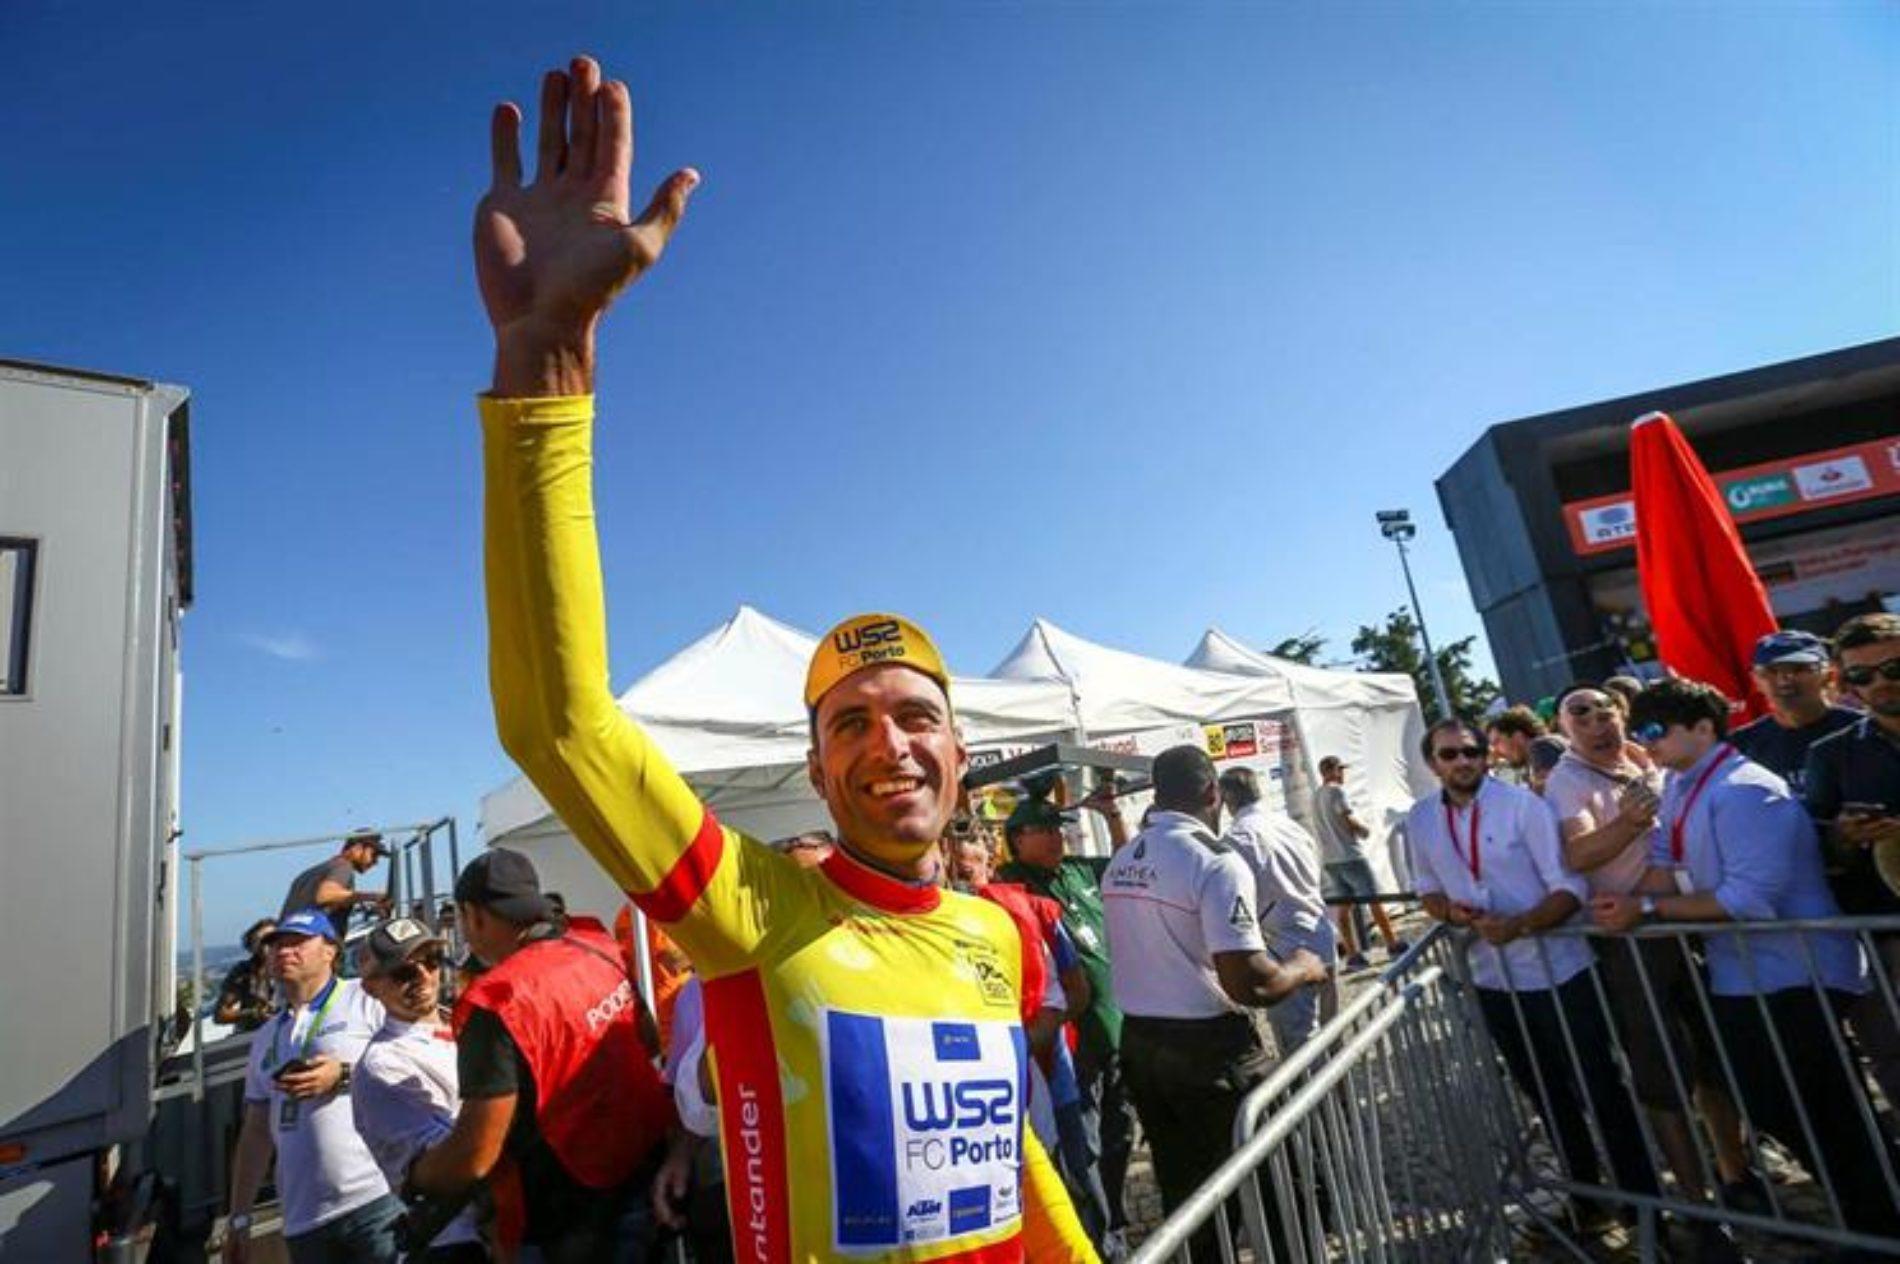 De Mateos vence em Braga e Alarcón conserva a camisola amarela